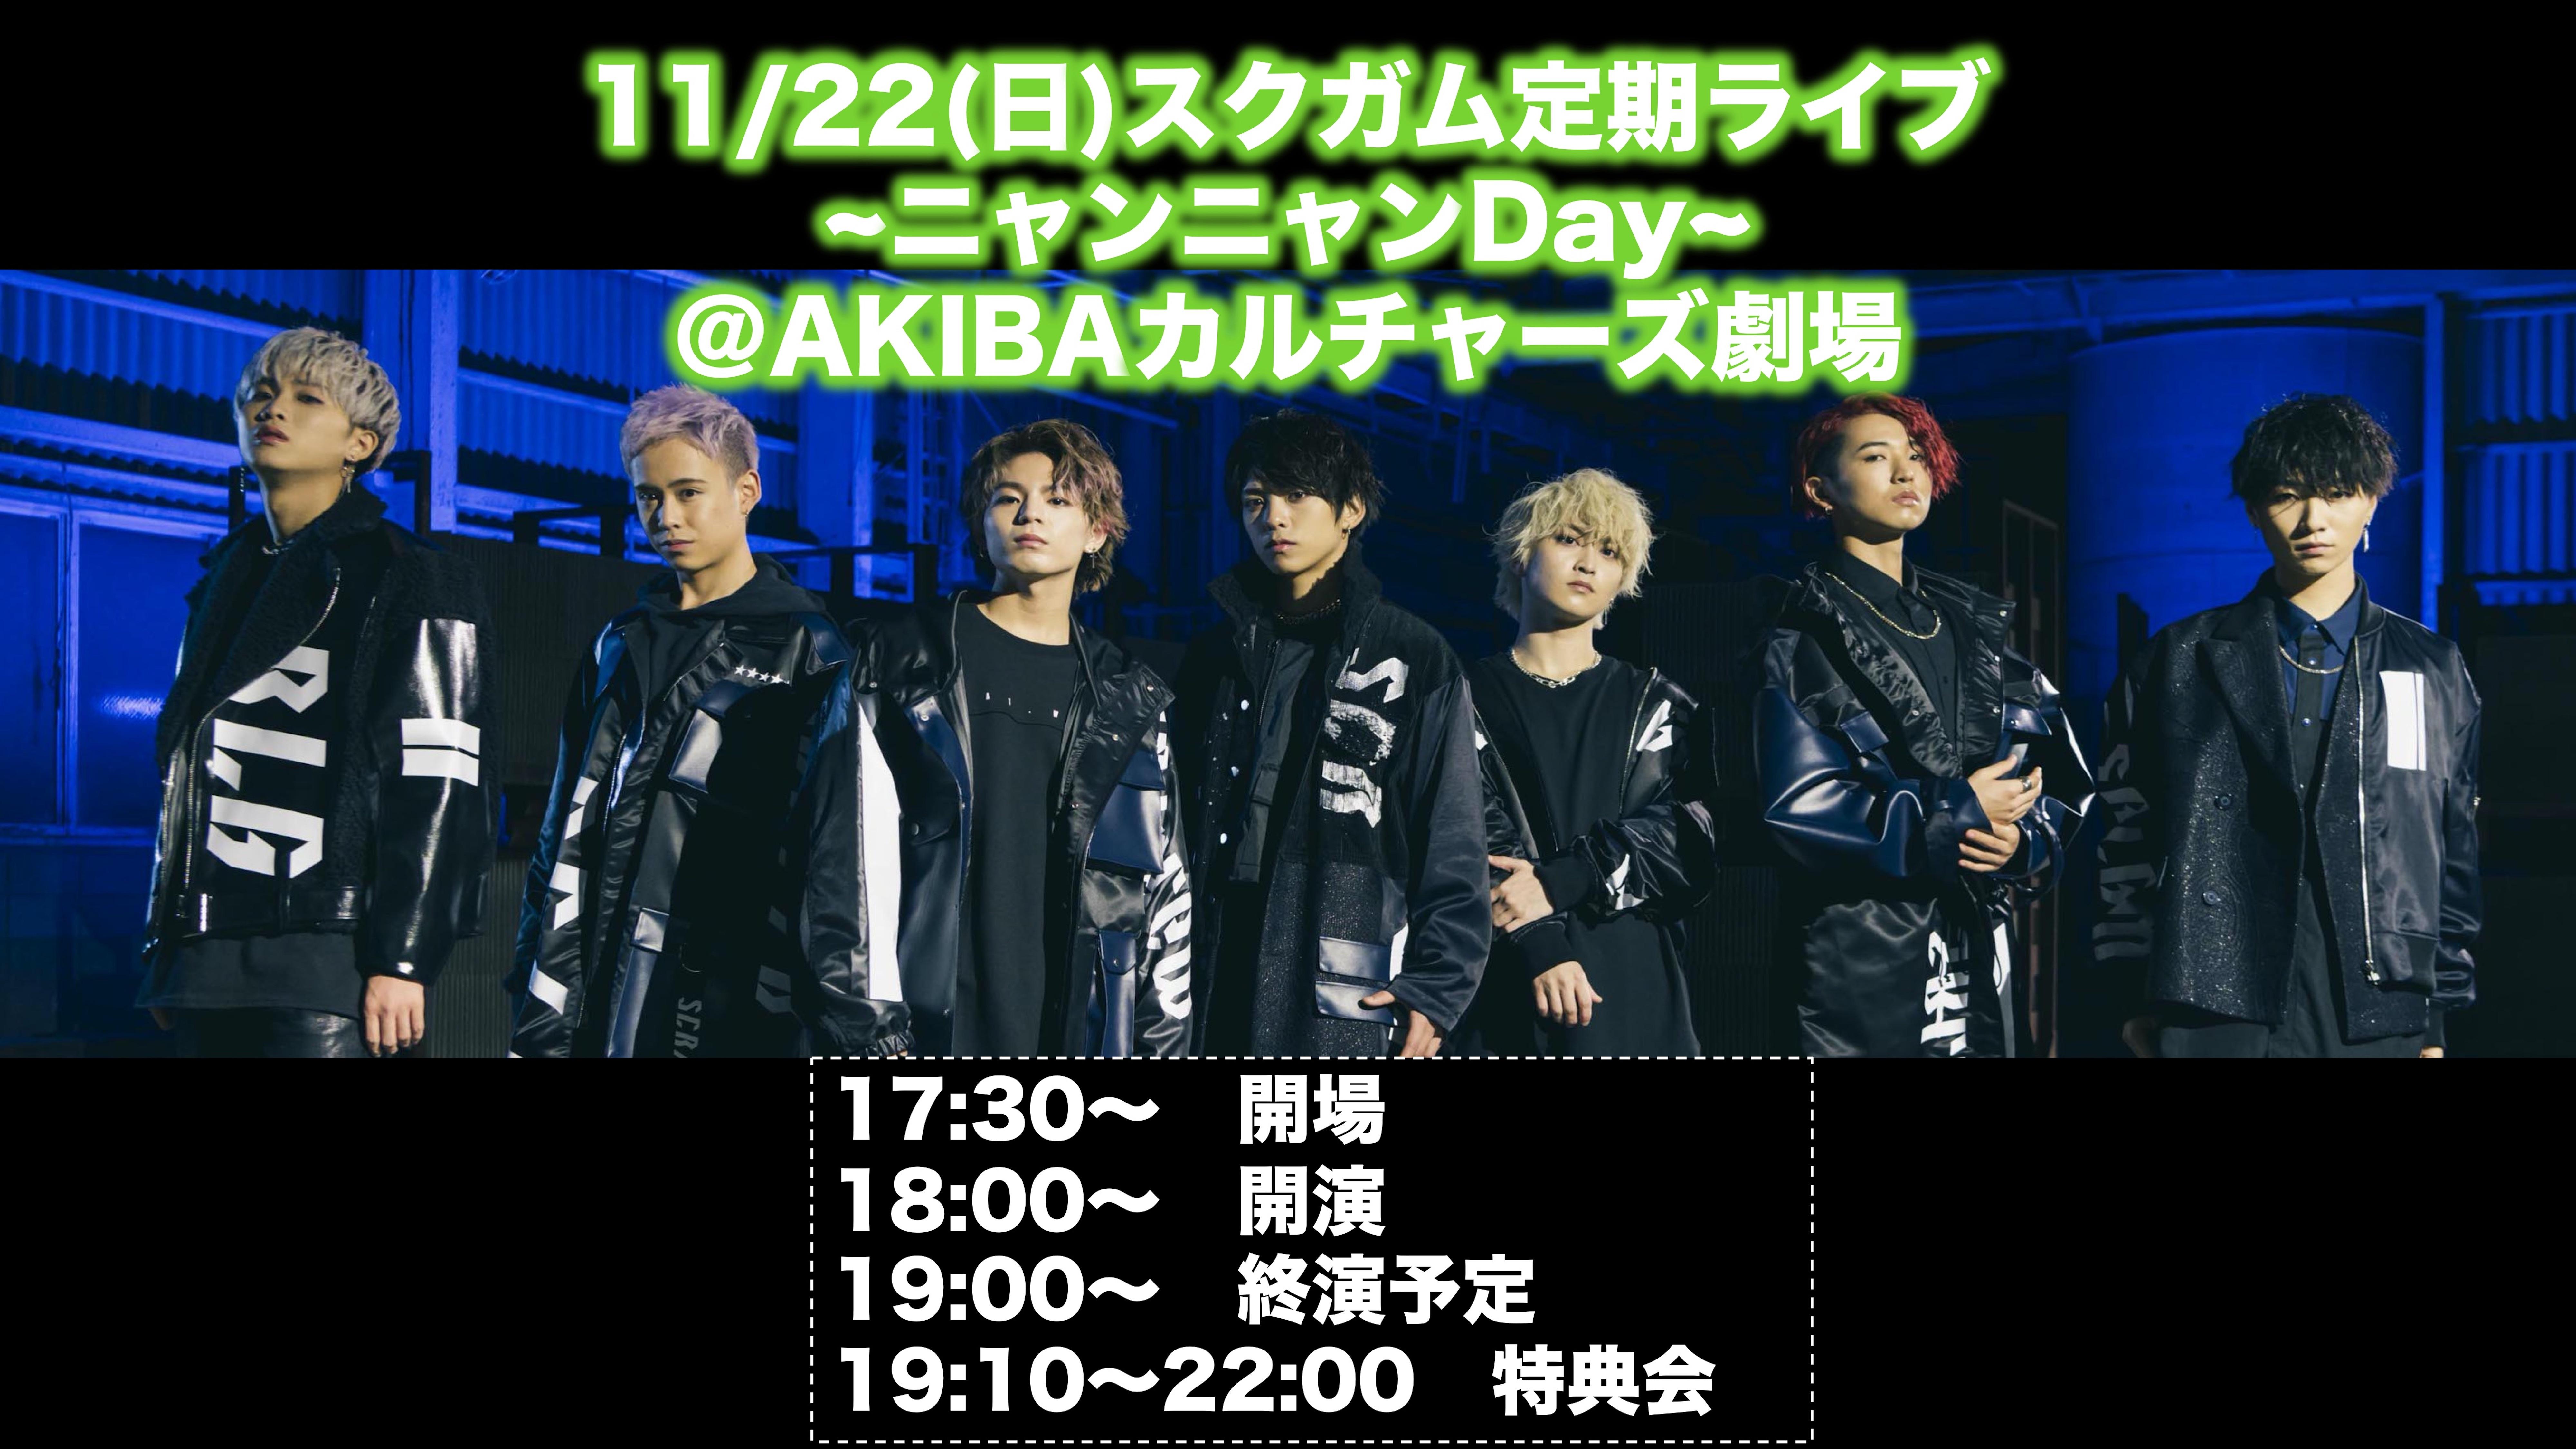 11/22(日)スクガム定期ライブ~ニャンニャンDay~@AKIBAカルチャーズ劇場